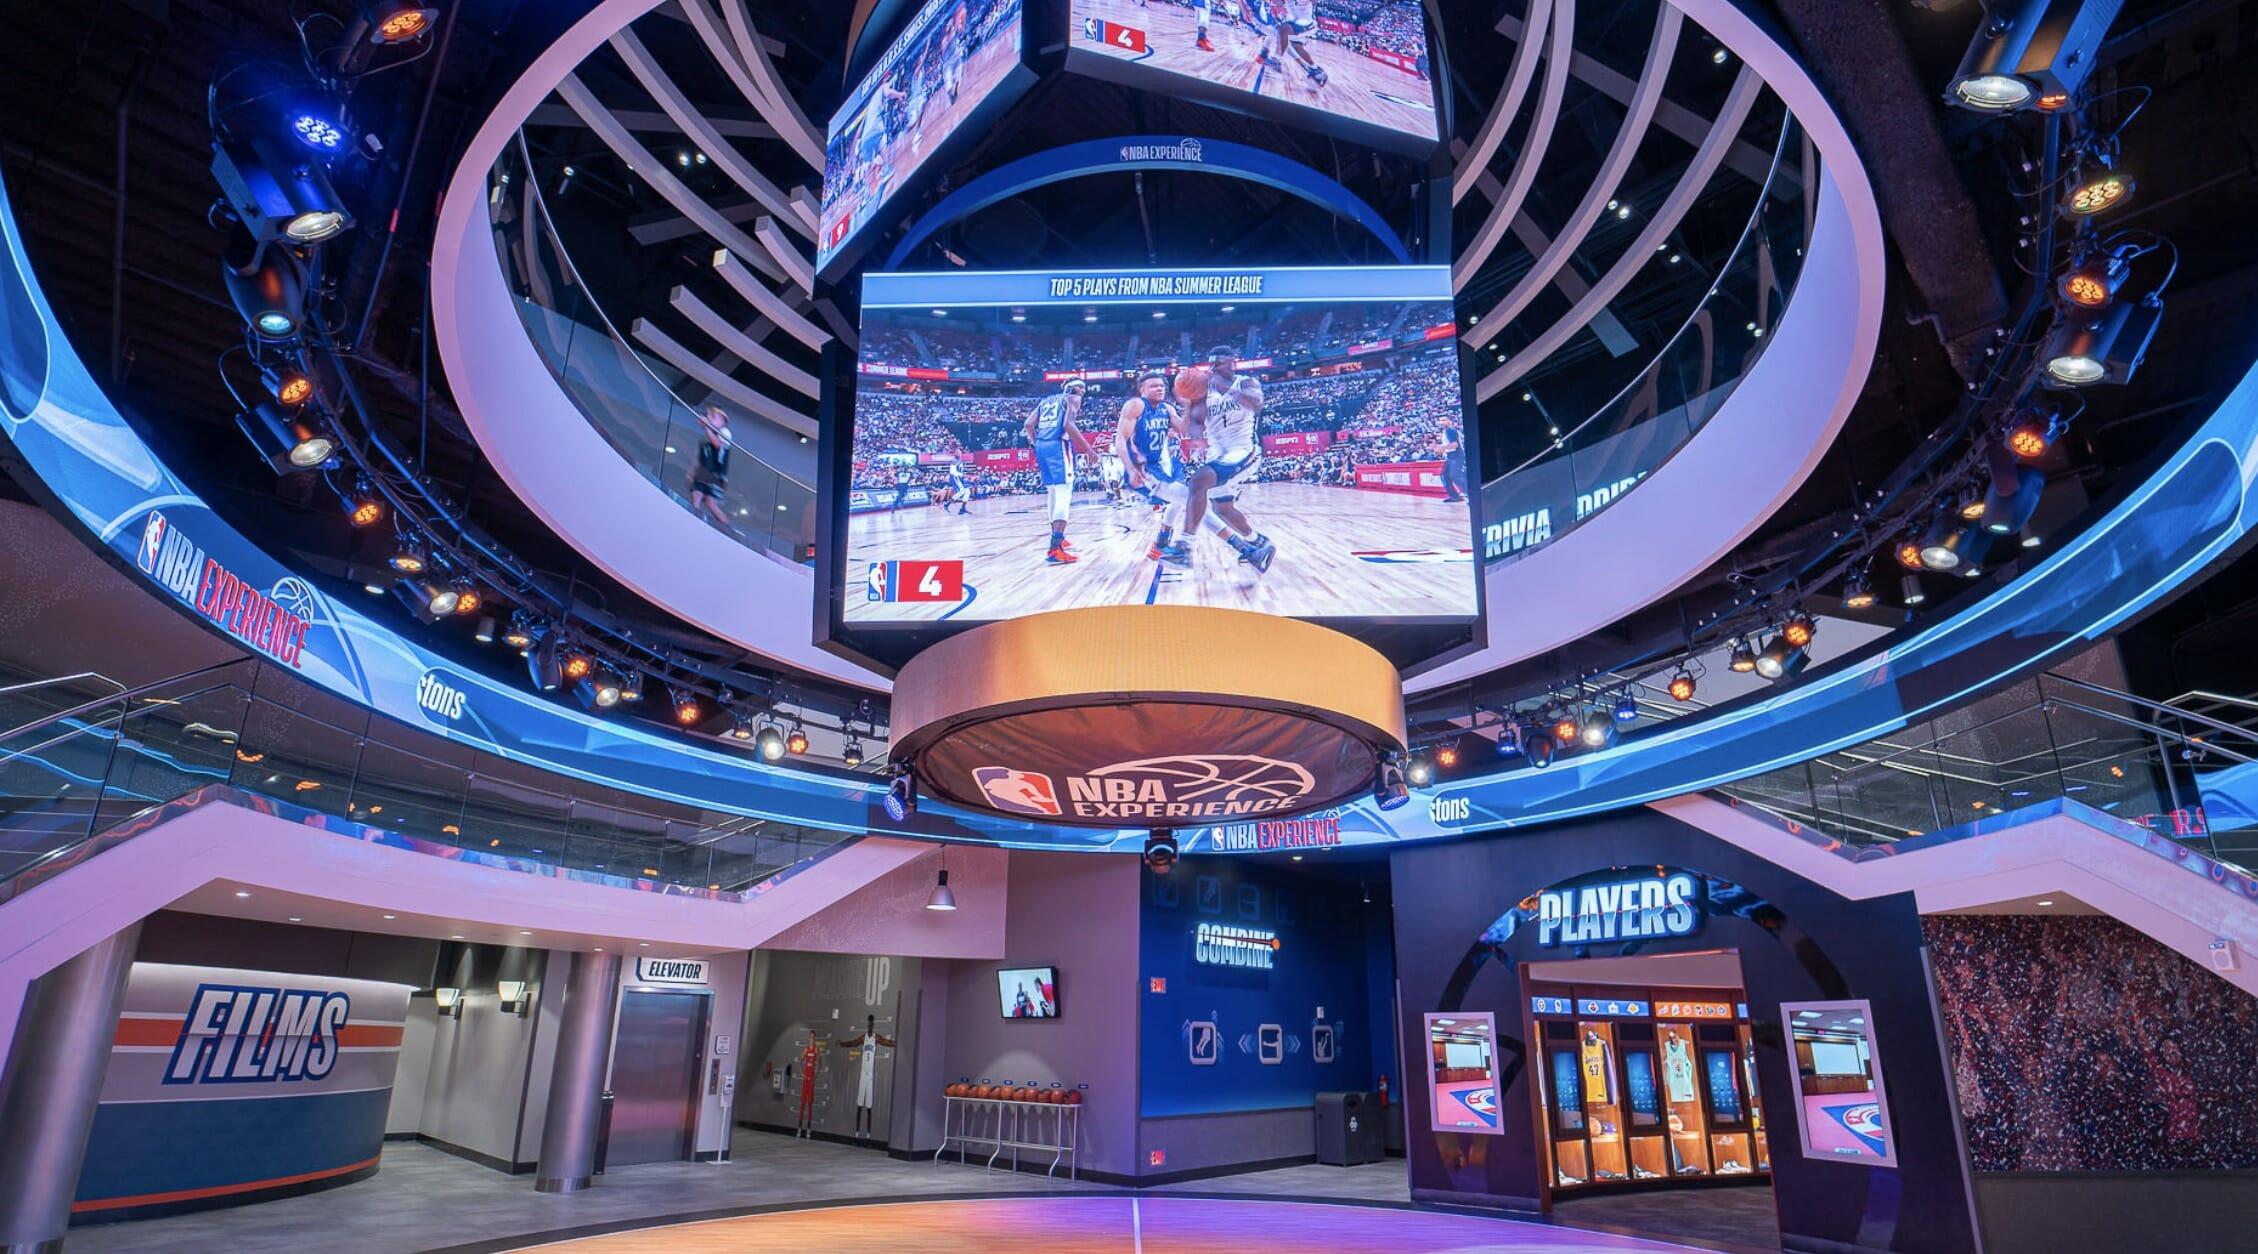 Imagem da NBA Experience no Disney Springs.